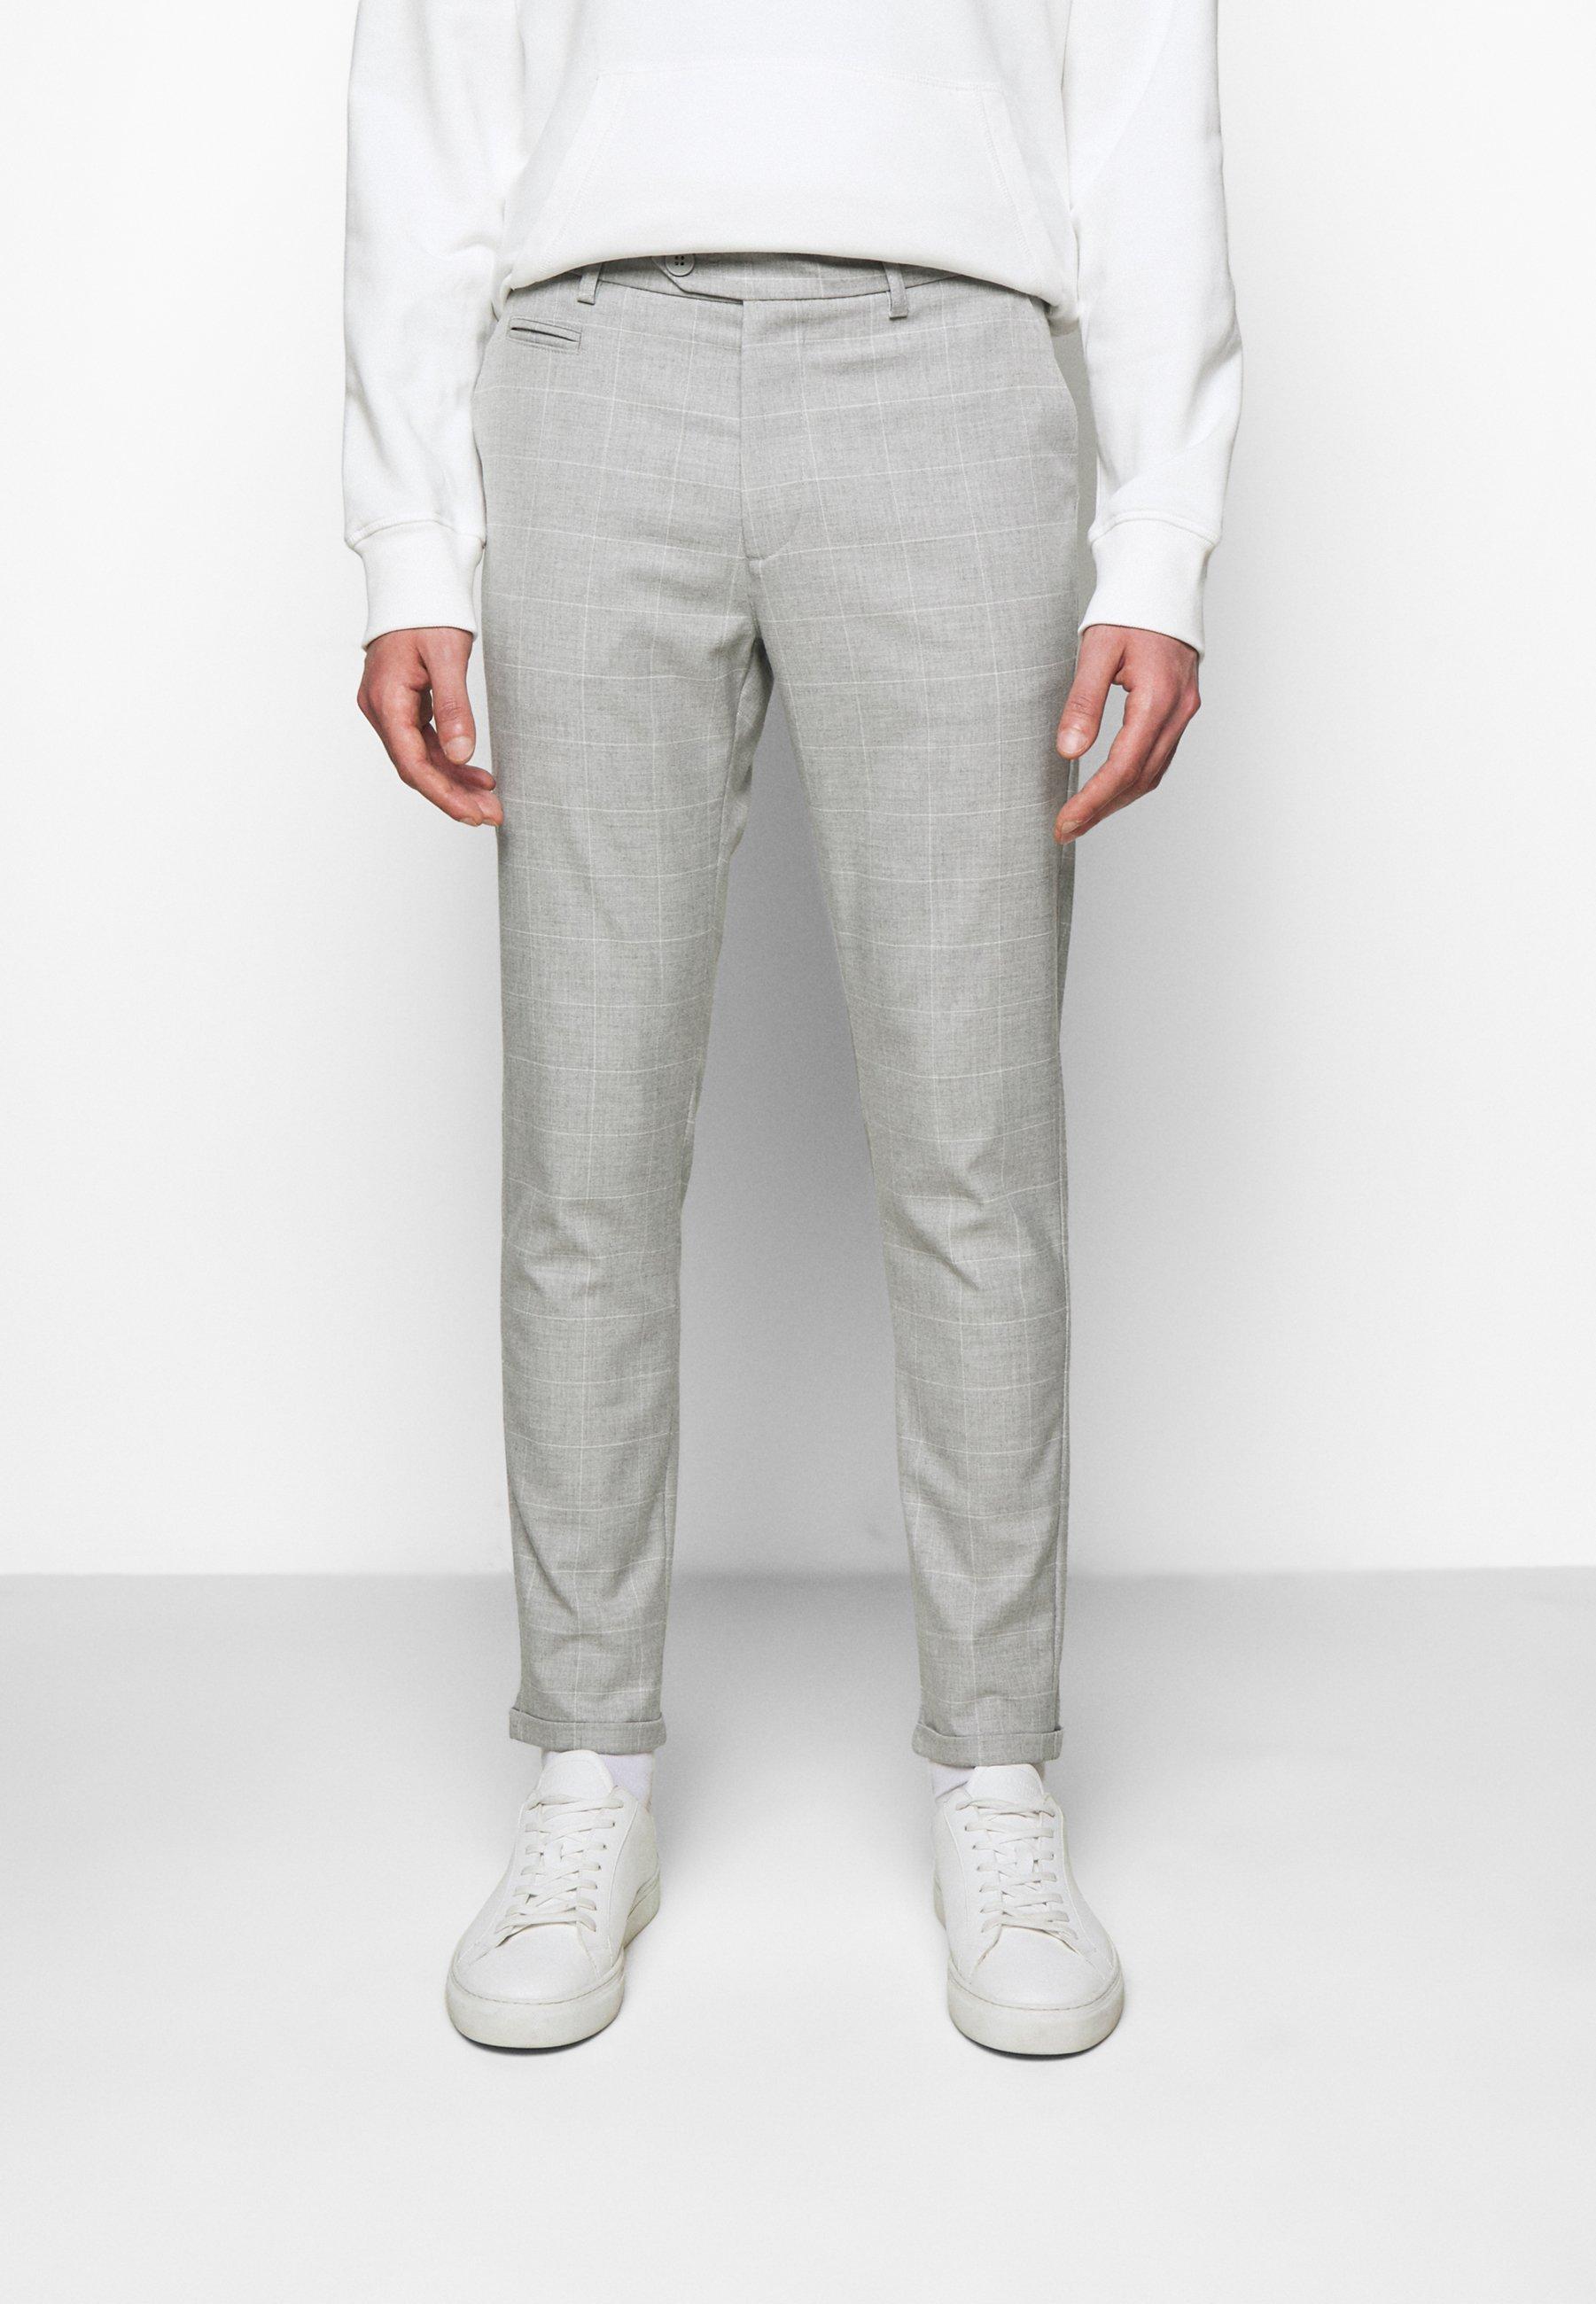 Men COMO CHECK SUIT PANTS - Trousers